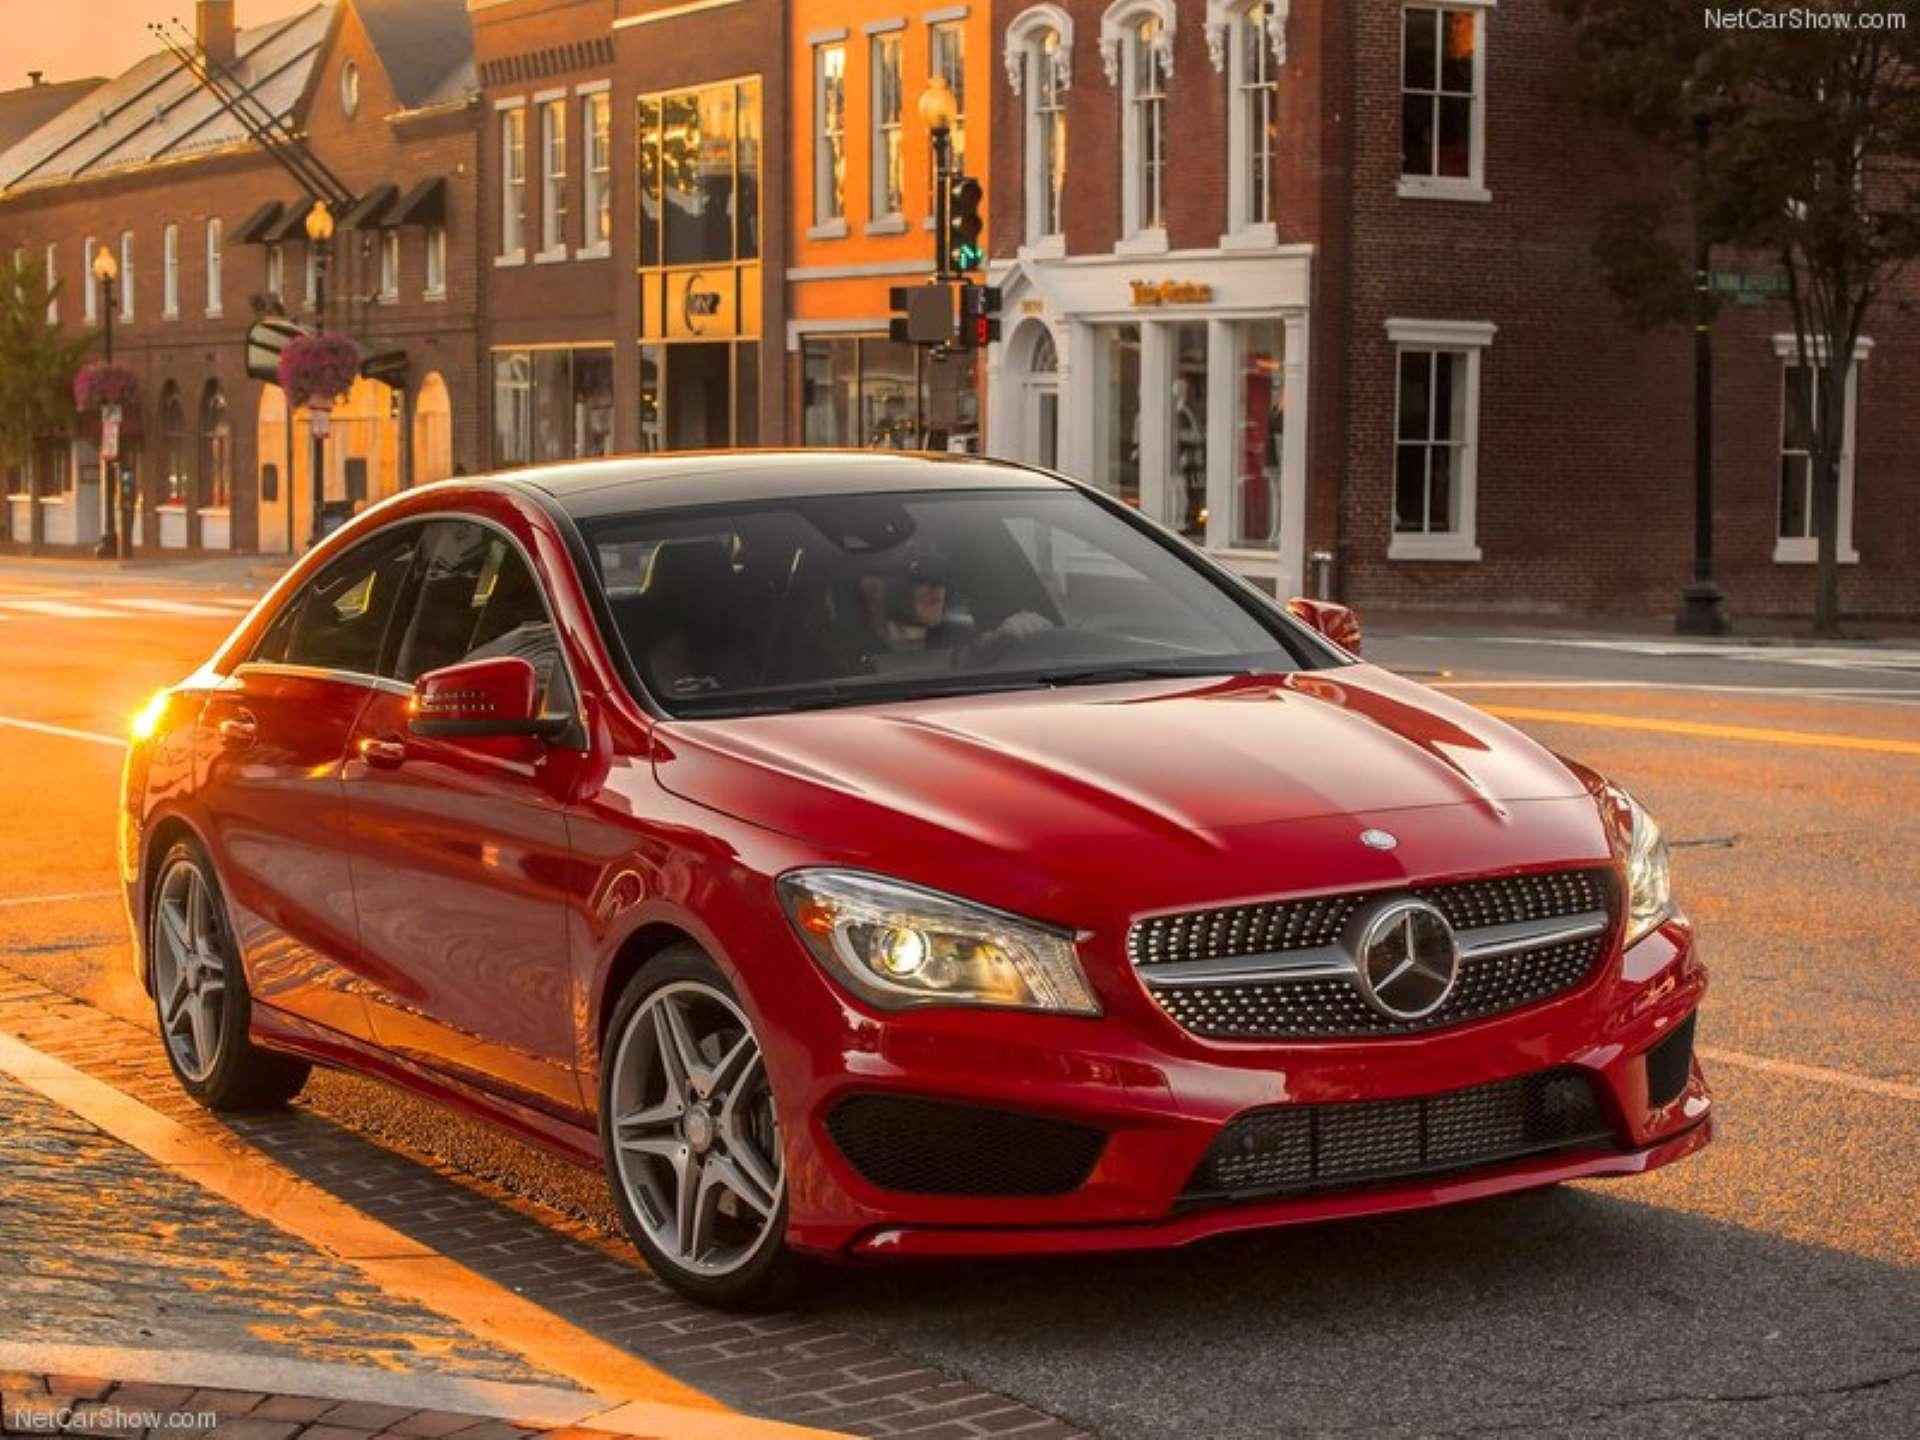 Best FWD Under $25k Mercedes-Benz CLA250 front three-quarter